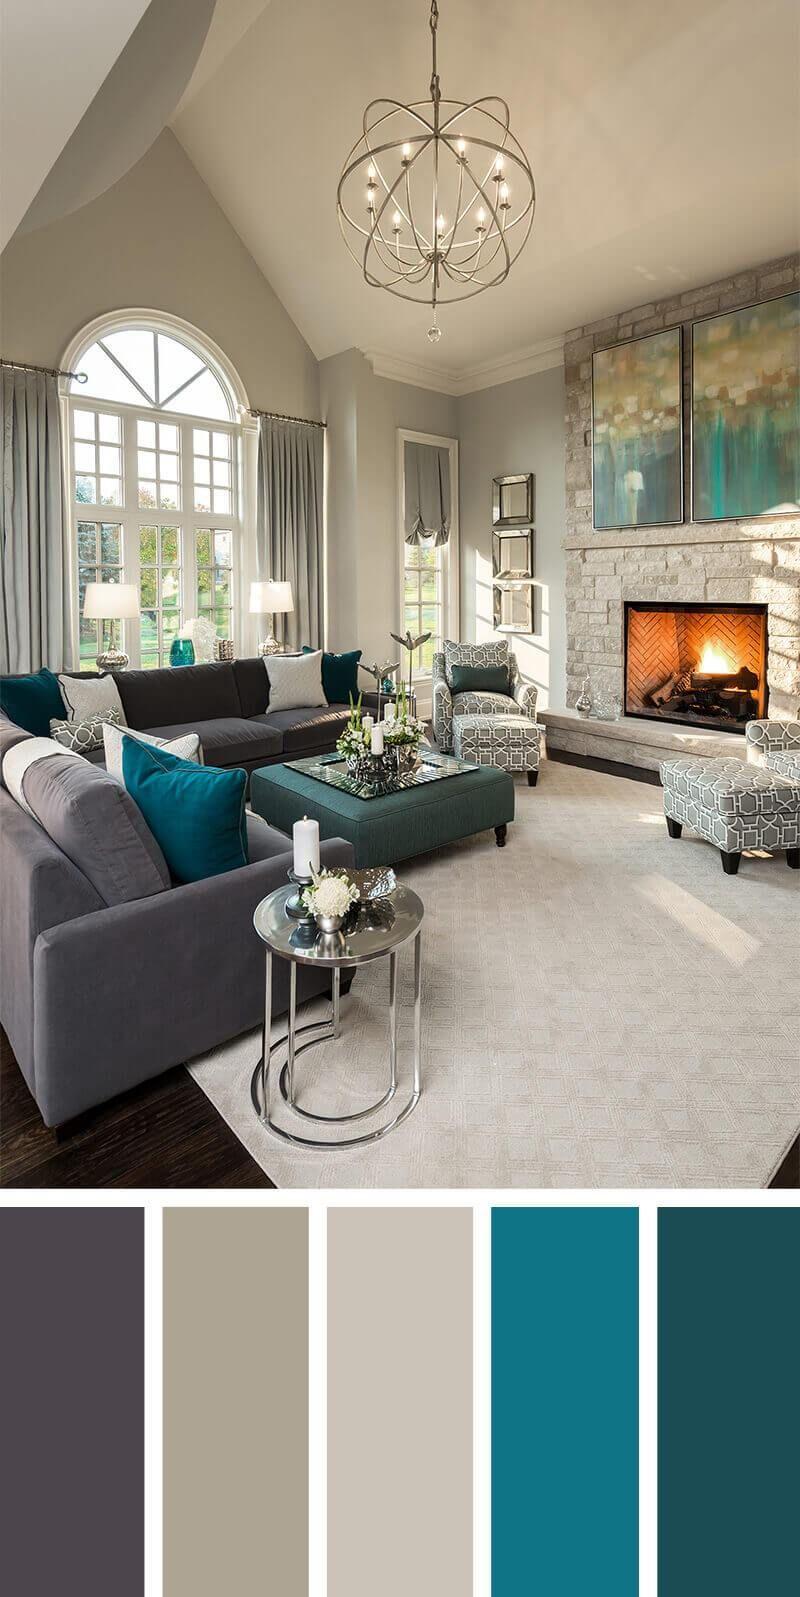 23 best living room paint colors house pinterest living room rh in pinterest com Cottage Paint Colors for Small Living Rooms Kitchen Paint Color Schemes